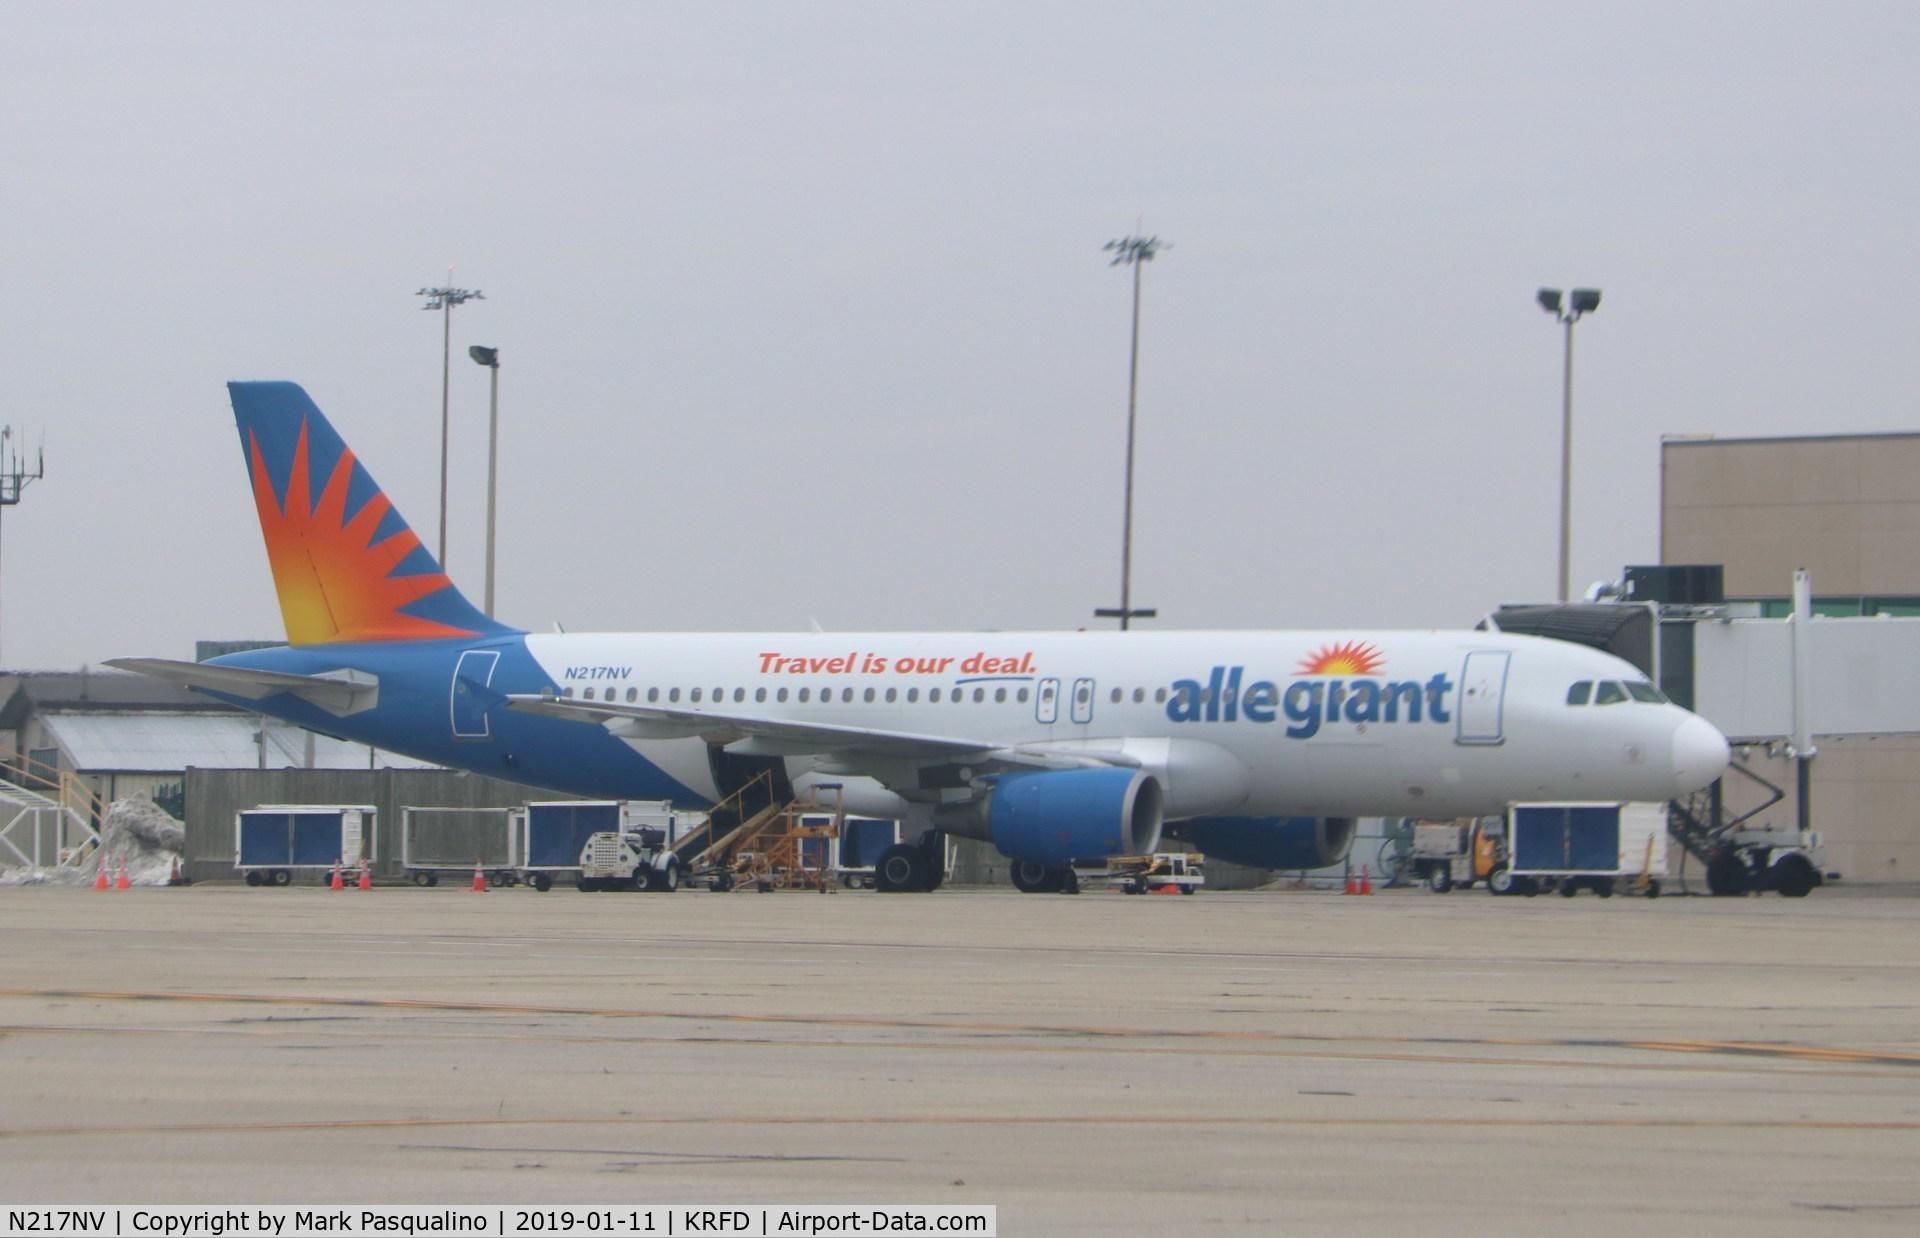 N217NV, 2000 Airbus A320-214 C/N 1347, Airbus A320-214